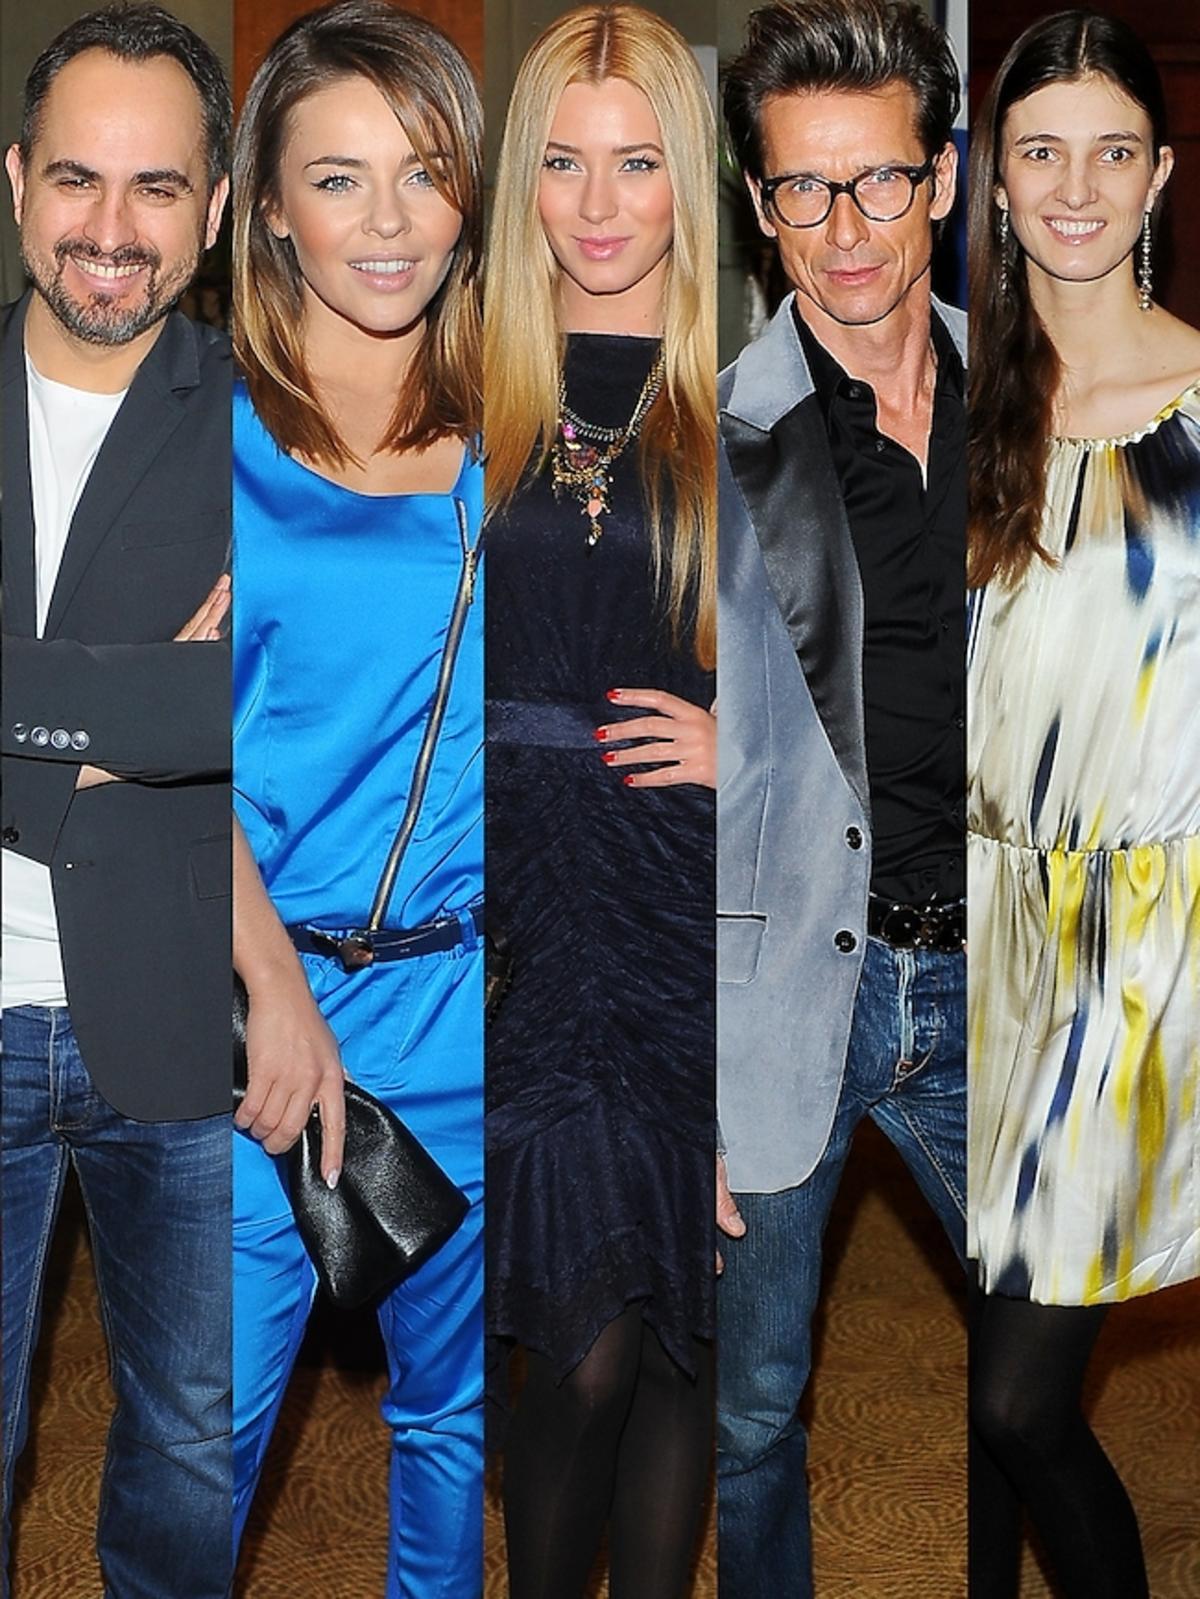 Gwiazdy na konferencji Miss Polonia 2012